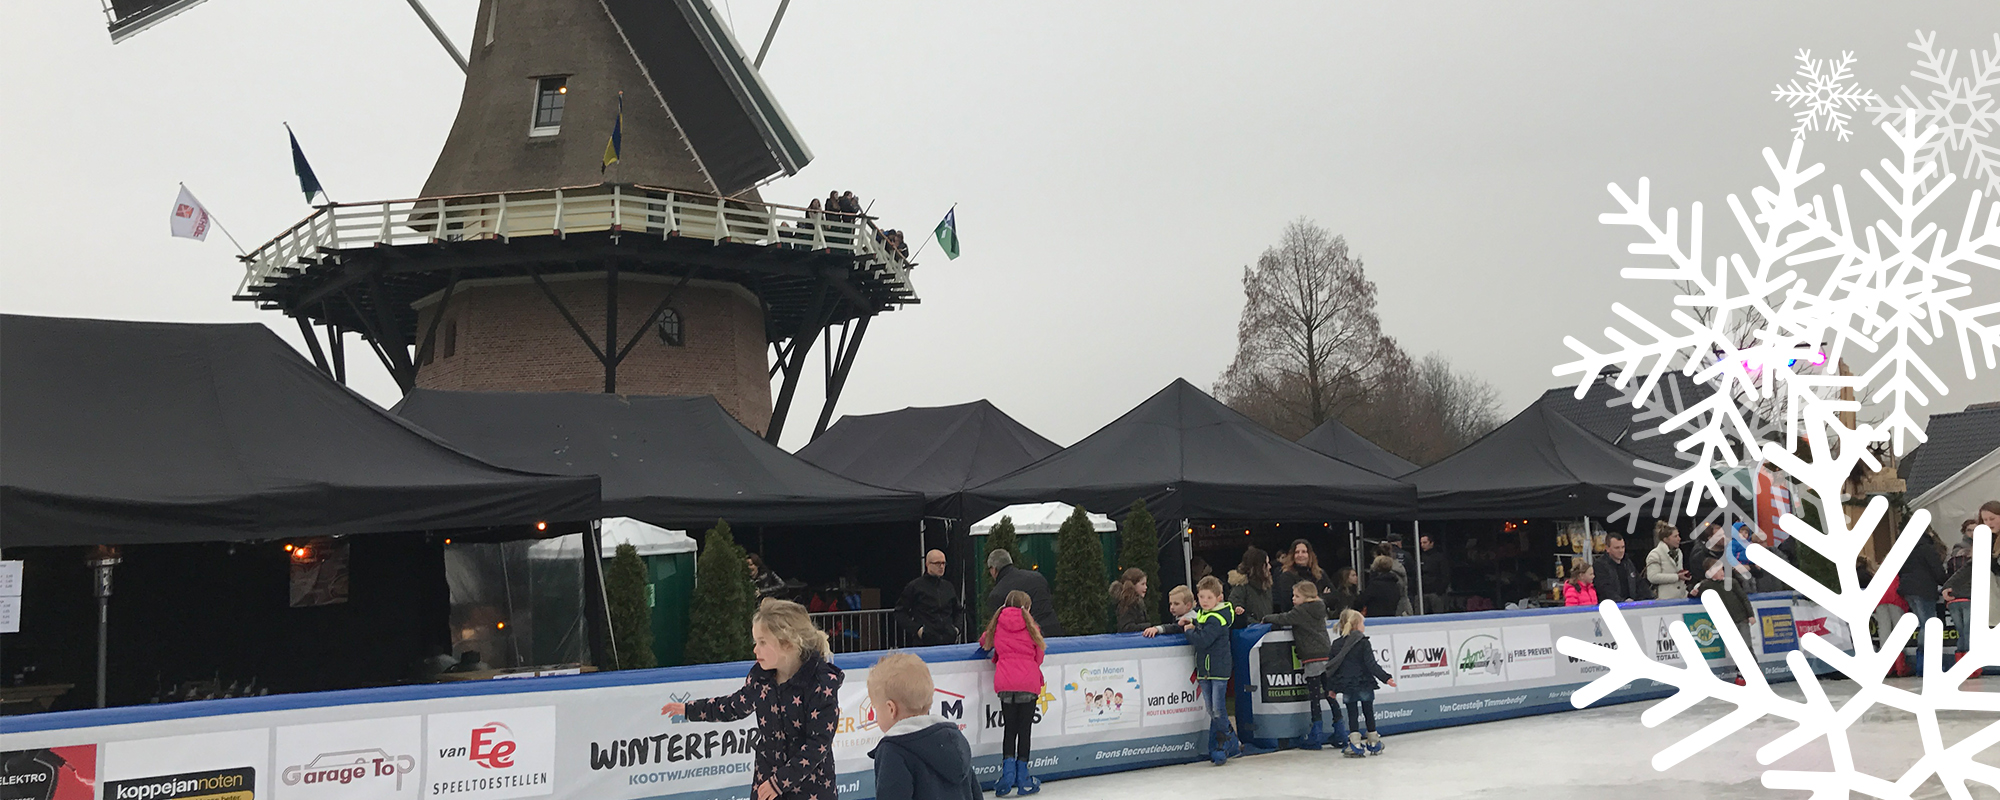 Winterfair-kootwijkerbroek-09